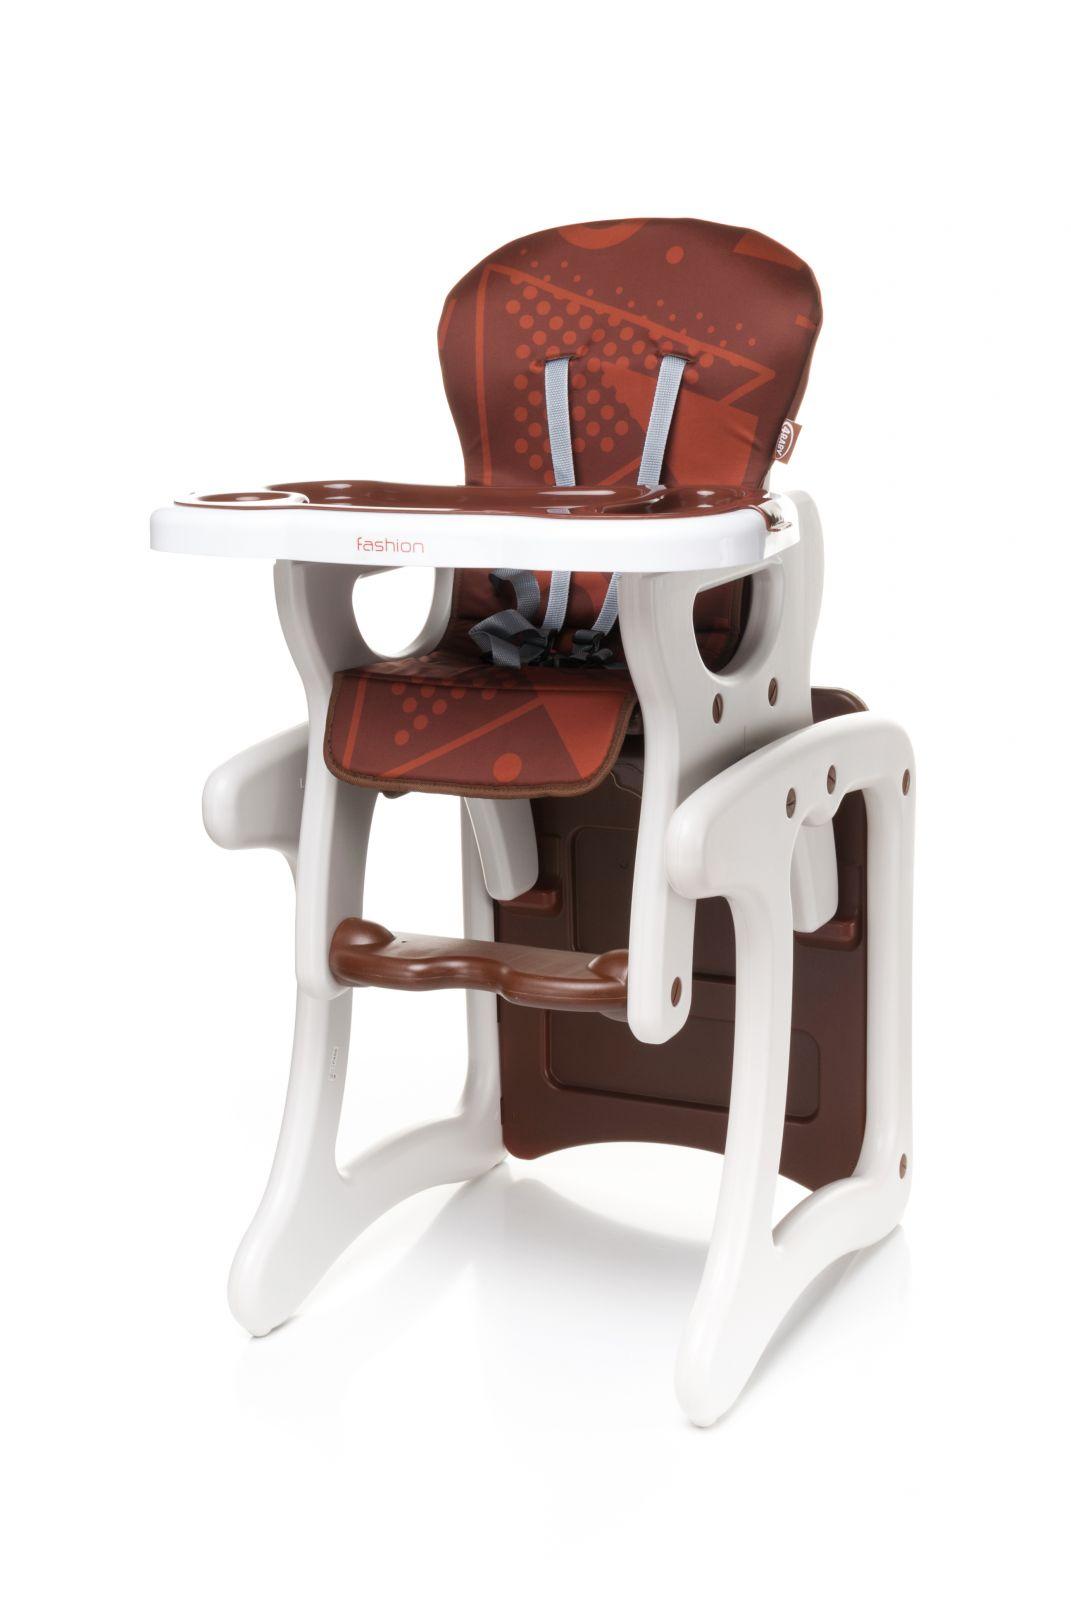 Jídelní židlička 4baby Fashion (2v1 - židlička + stoleček) Brown